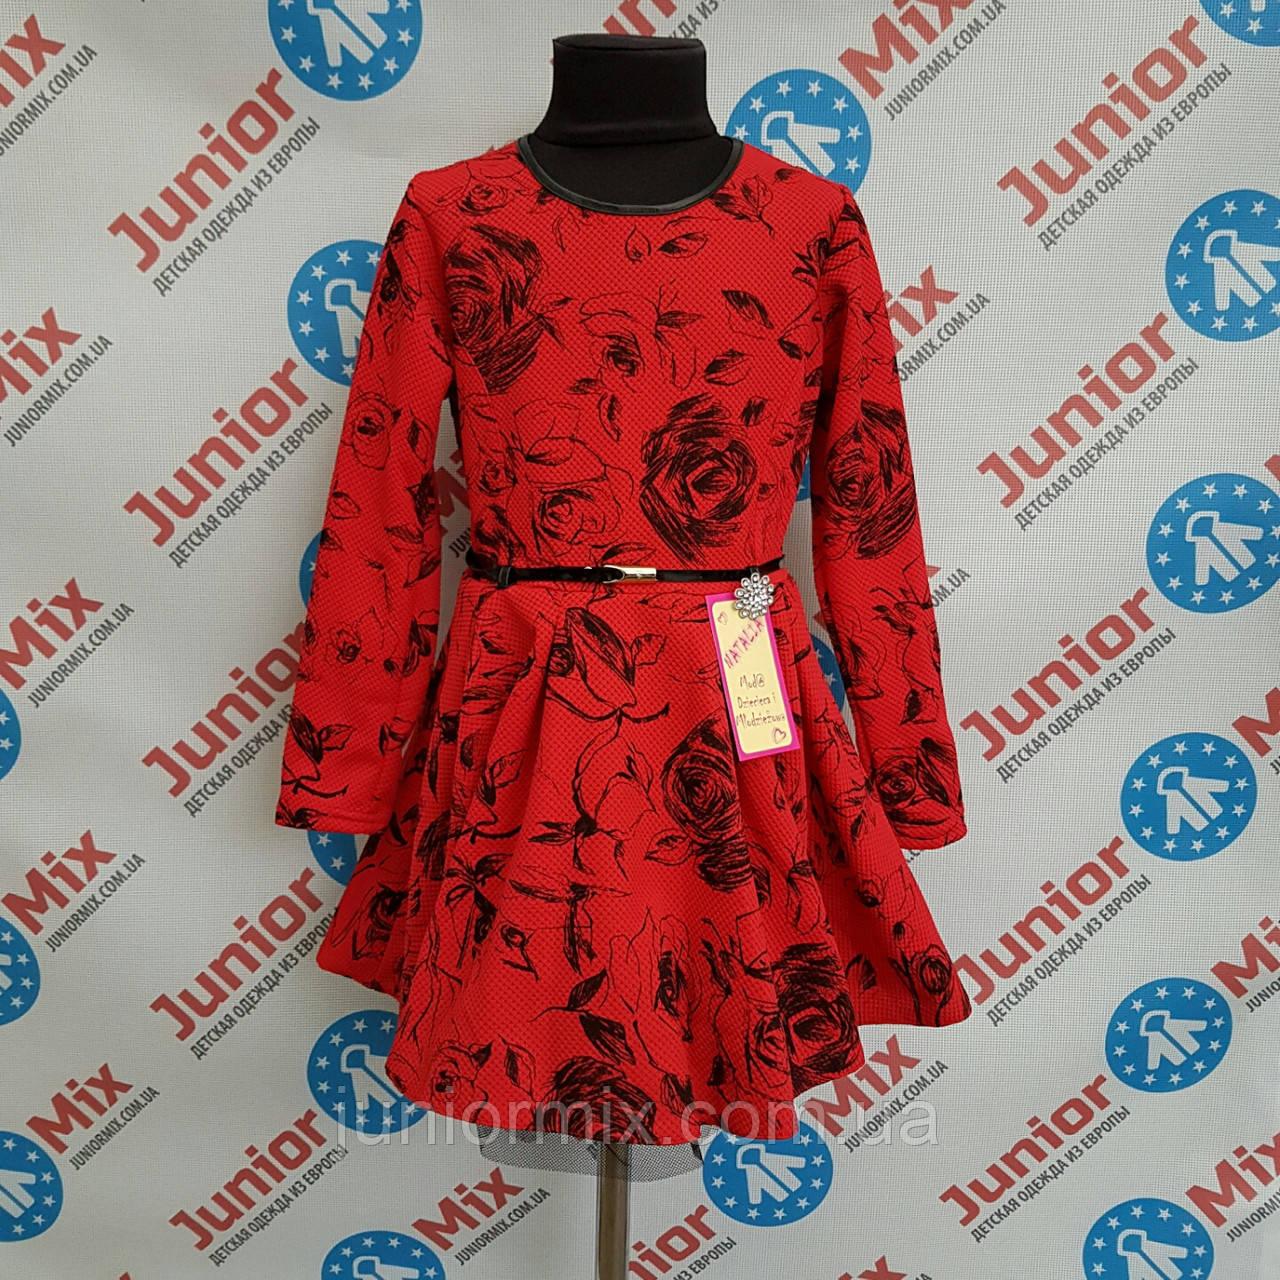 Платье для девочки подростковое под пояс длинный рукав NATALIA.ПОЛЬША